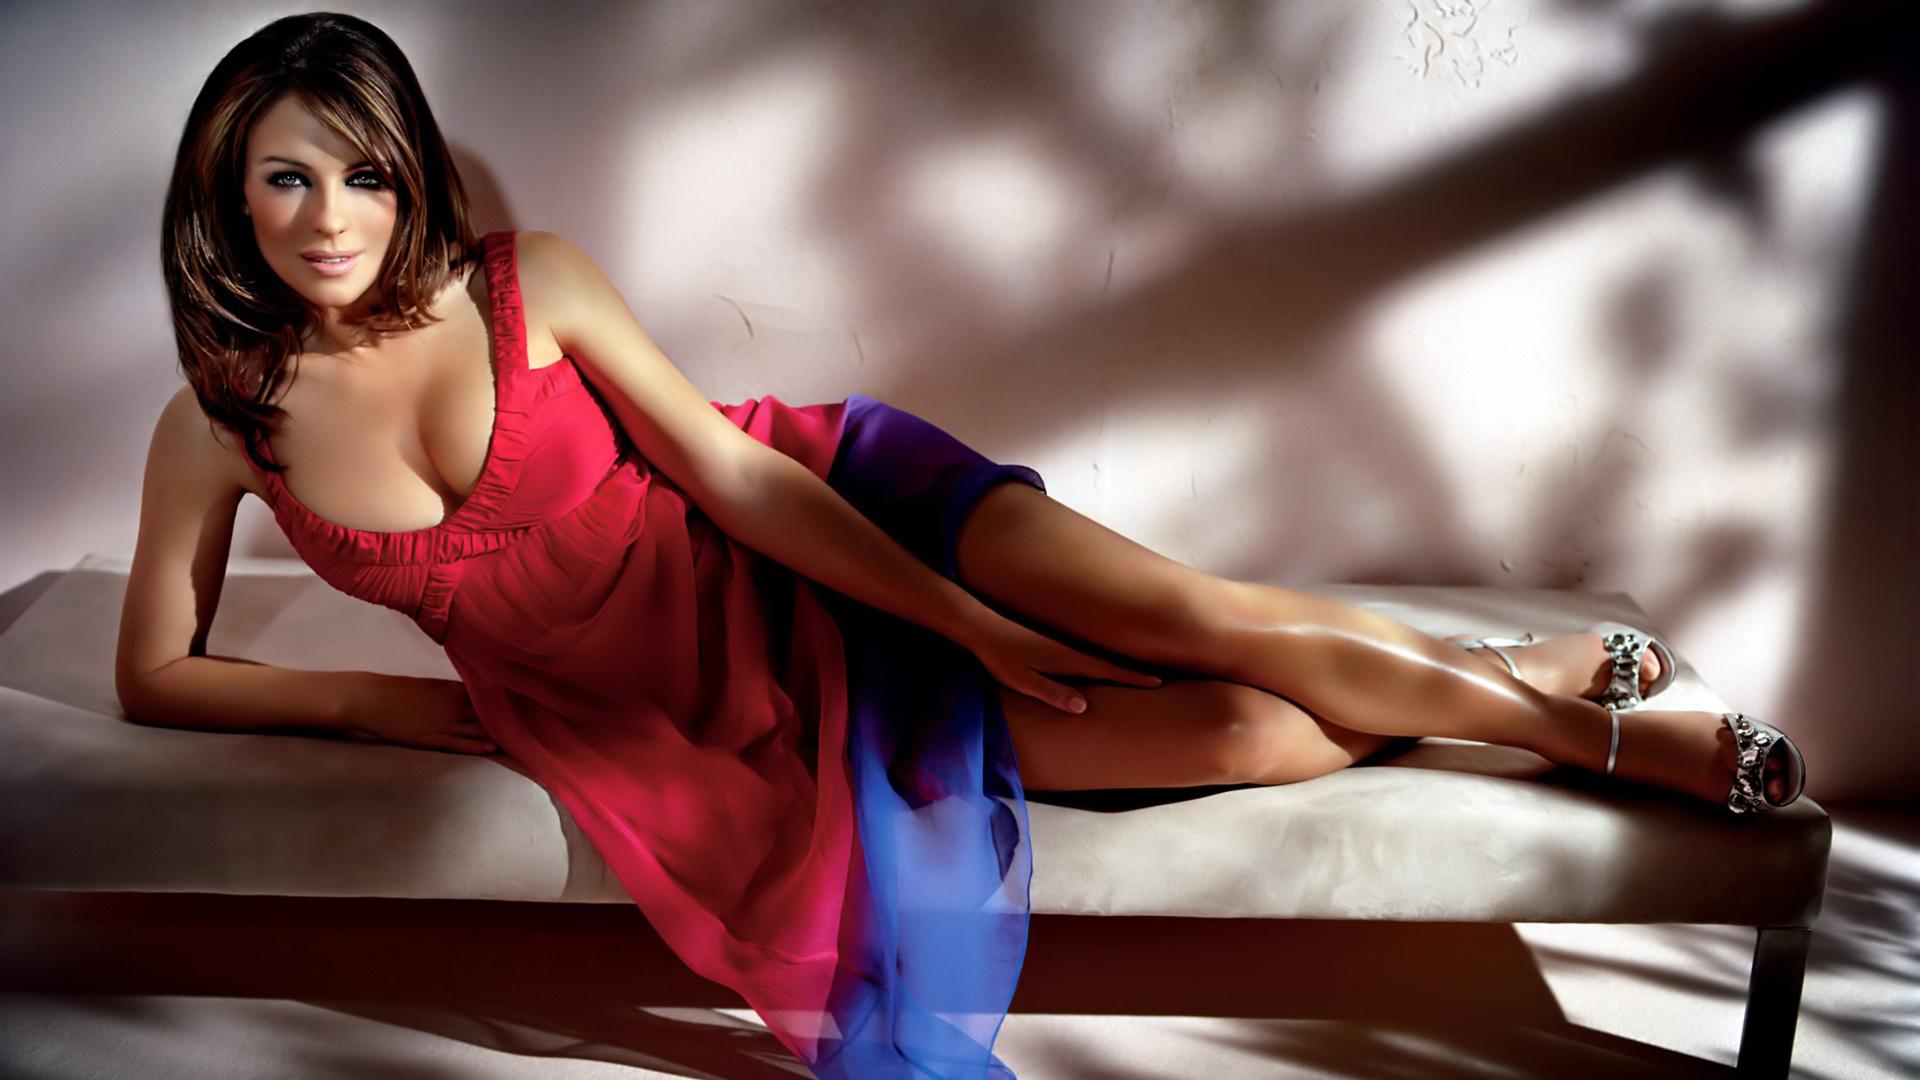 Самые красивые и сексапильные телки 18 фотография